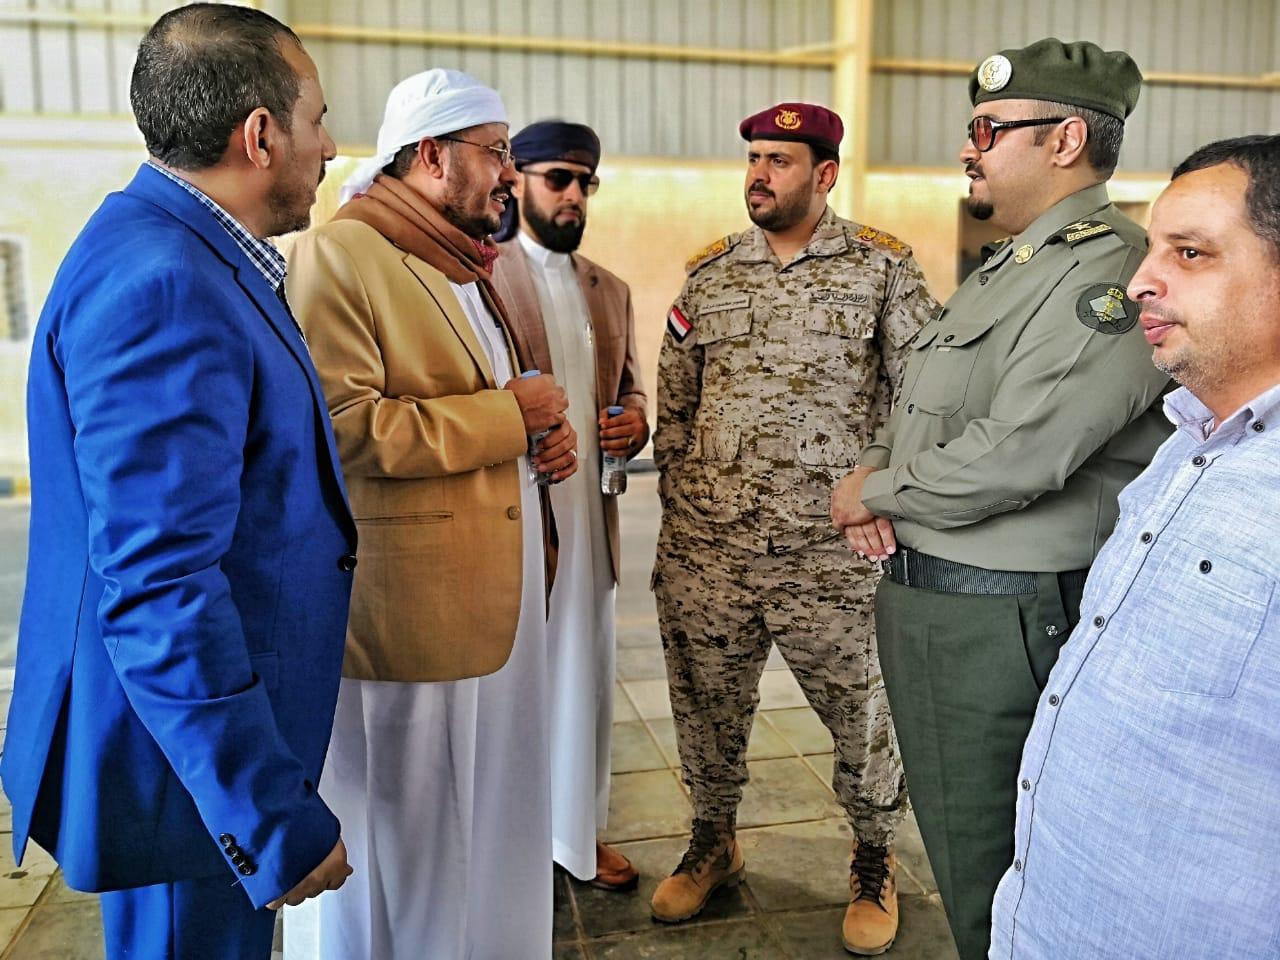 وزير الأوقاف يطلع على سير الاستعدادات لتفويج الحجاج اليمنيين في منفذ الوديعة